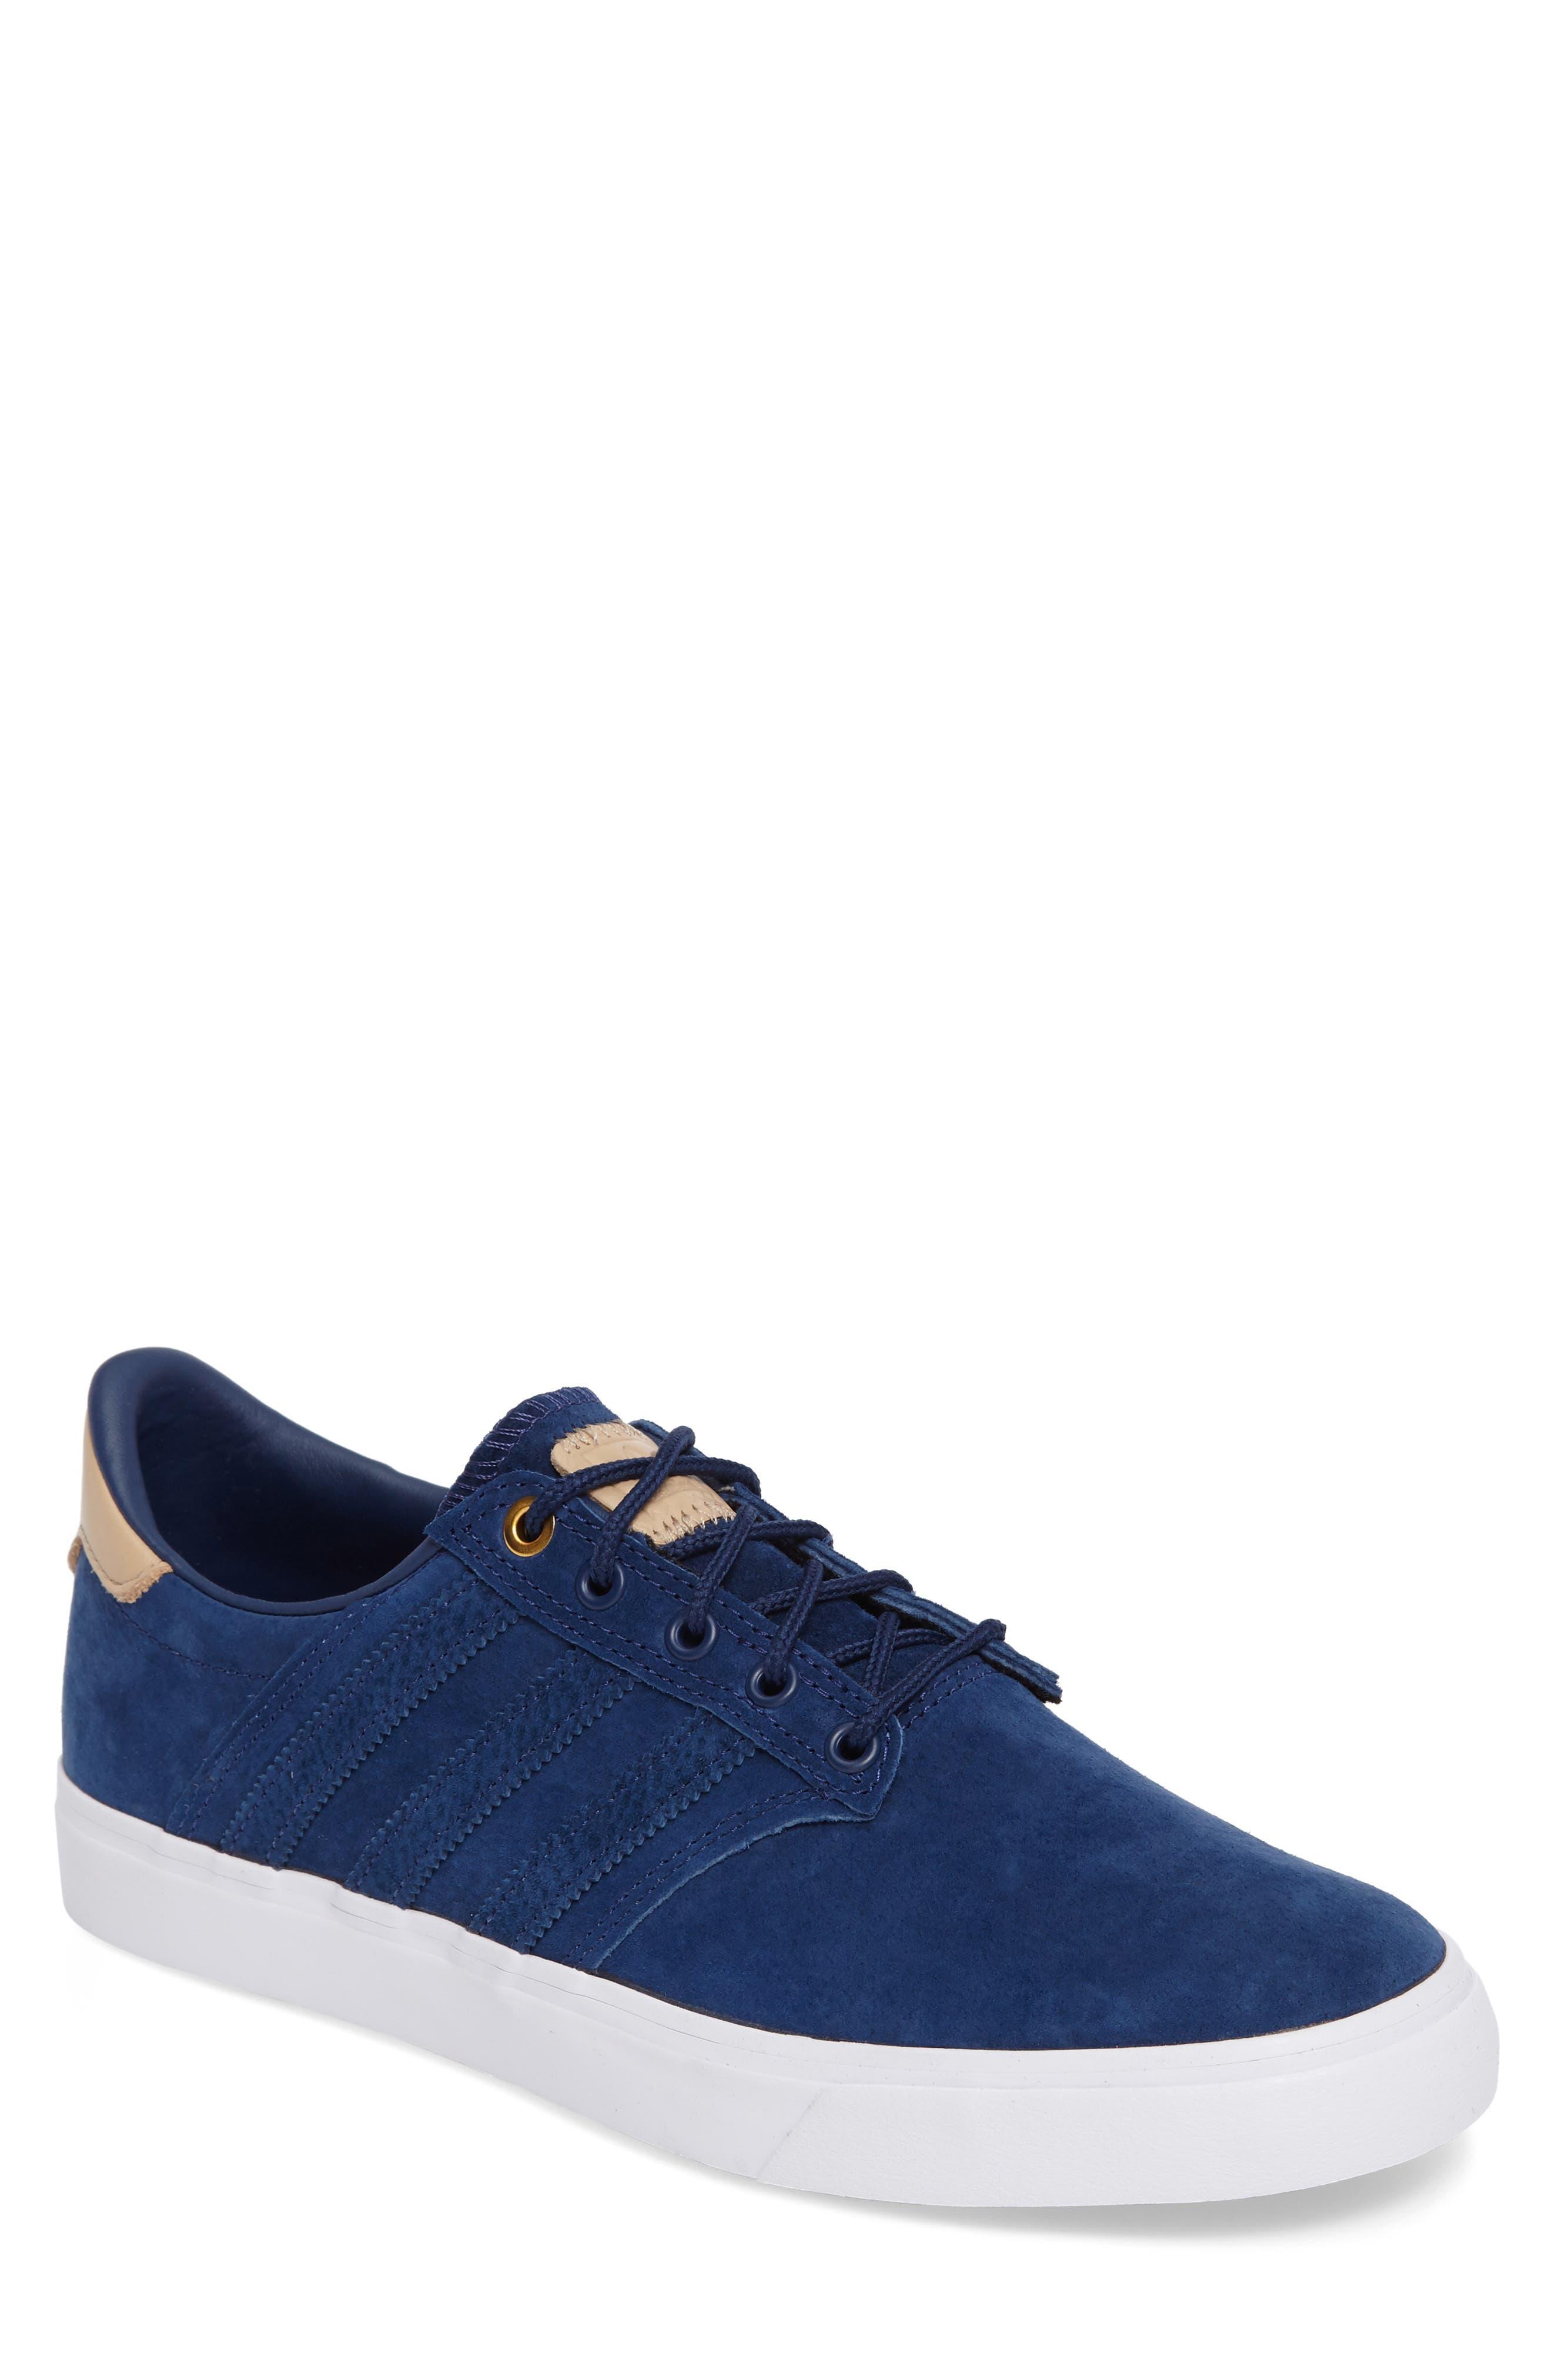 adidas Seeley Premiere Classified Board Sneaker (Men)